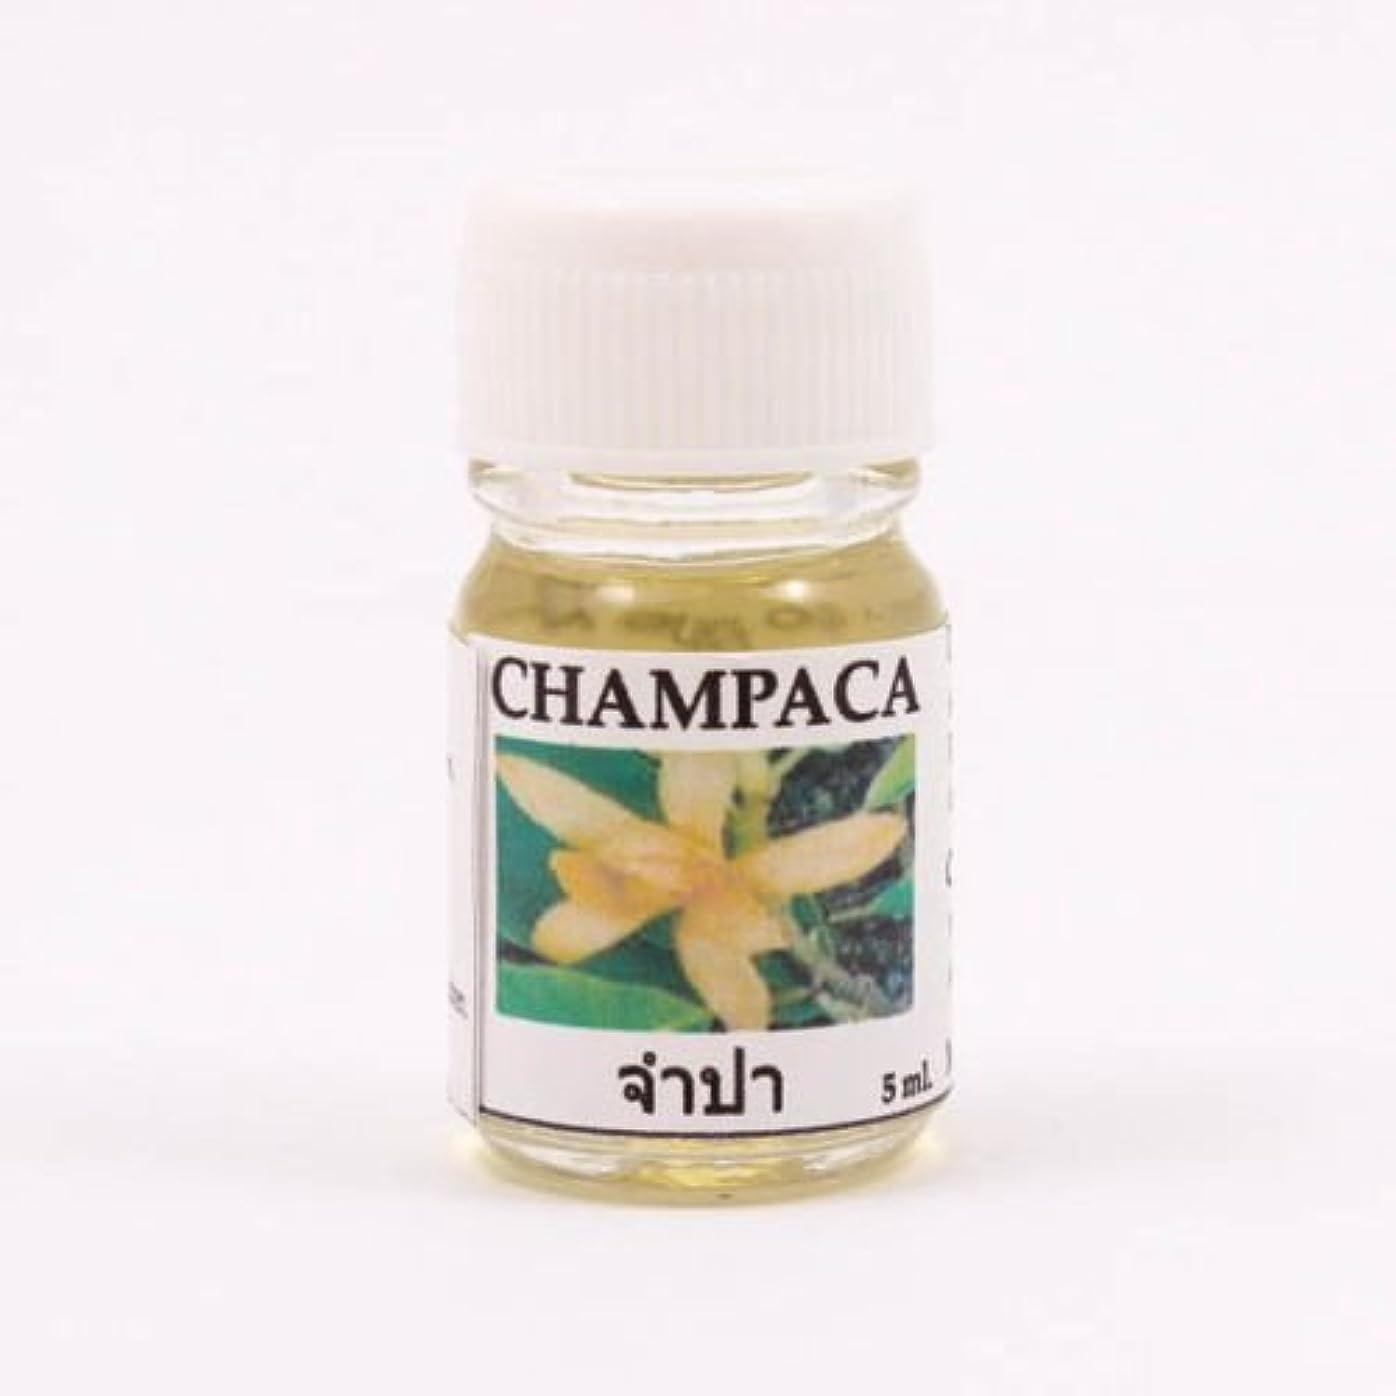 最大化するパニック協力する6X Champaca Aroma Fragrance Essential Oil 5ML. cc Diffuser Burner Therapy